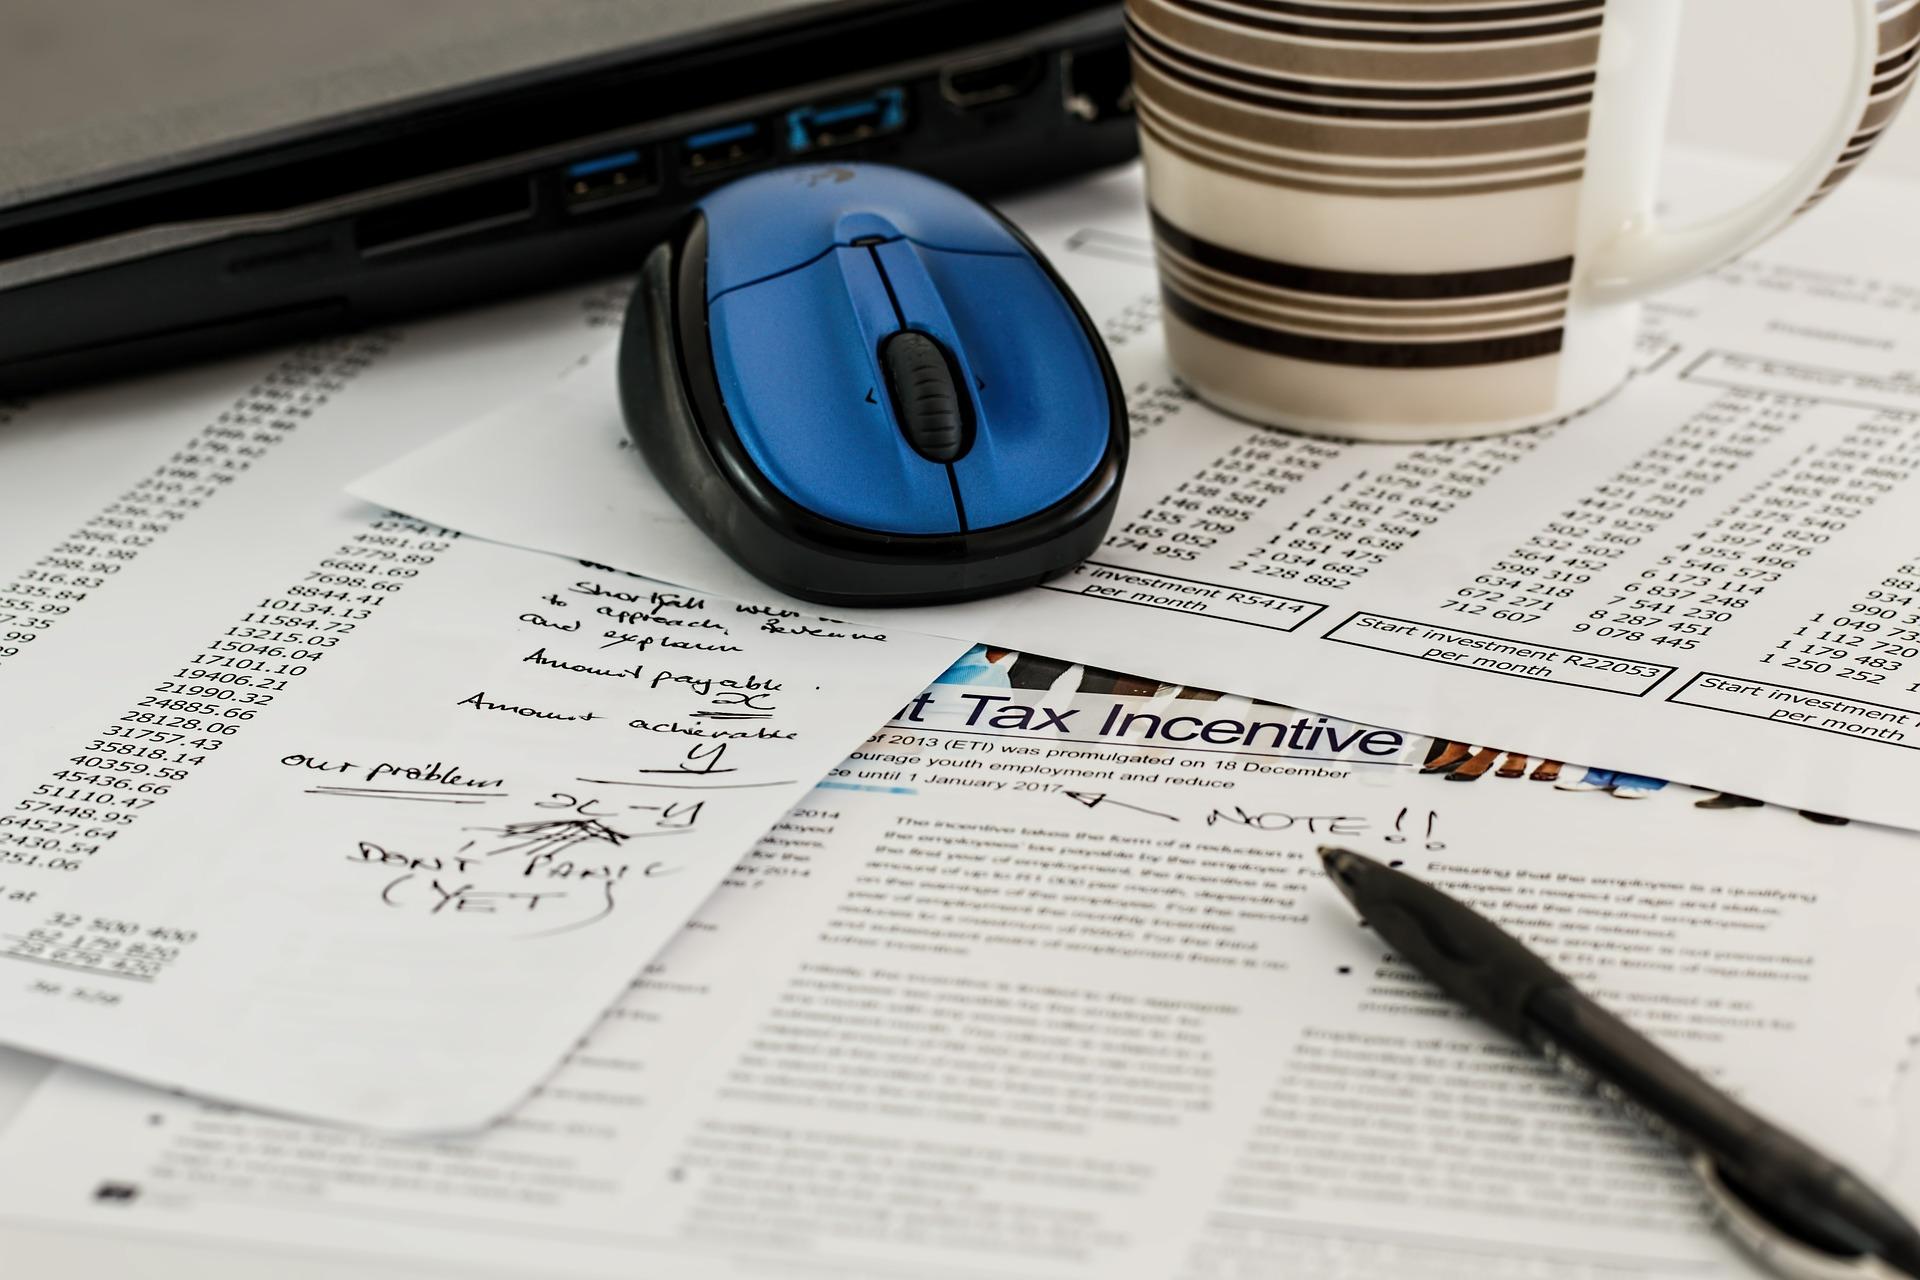 外国银行账户 – 马来西亚的税务影响是什么?